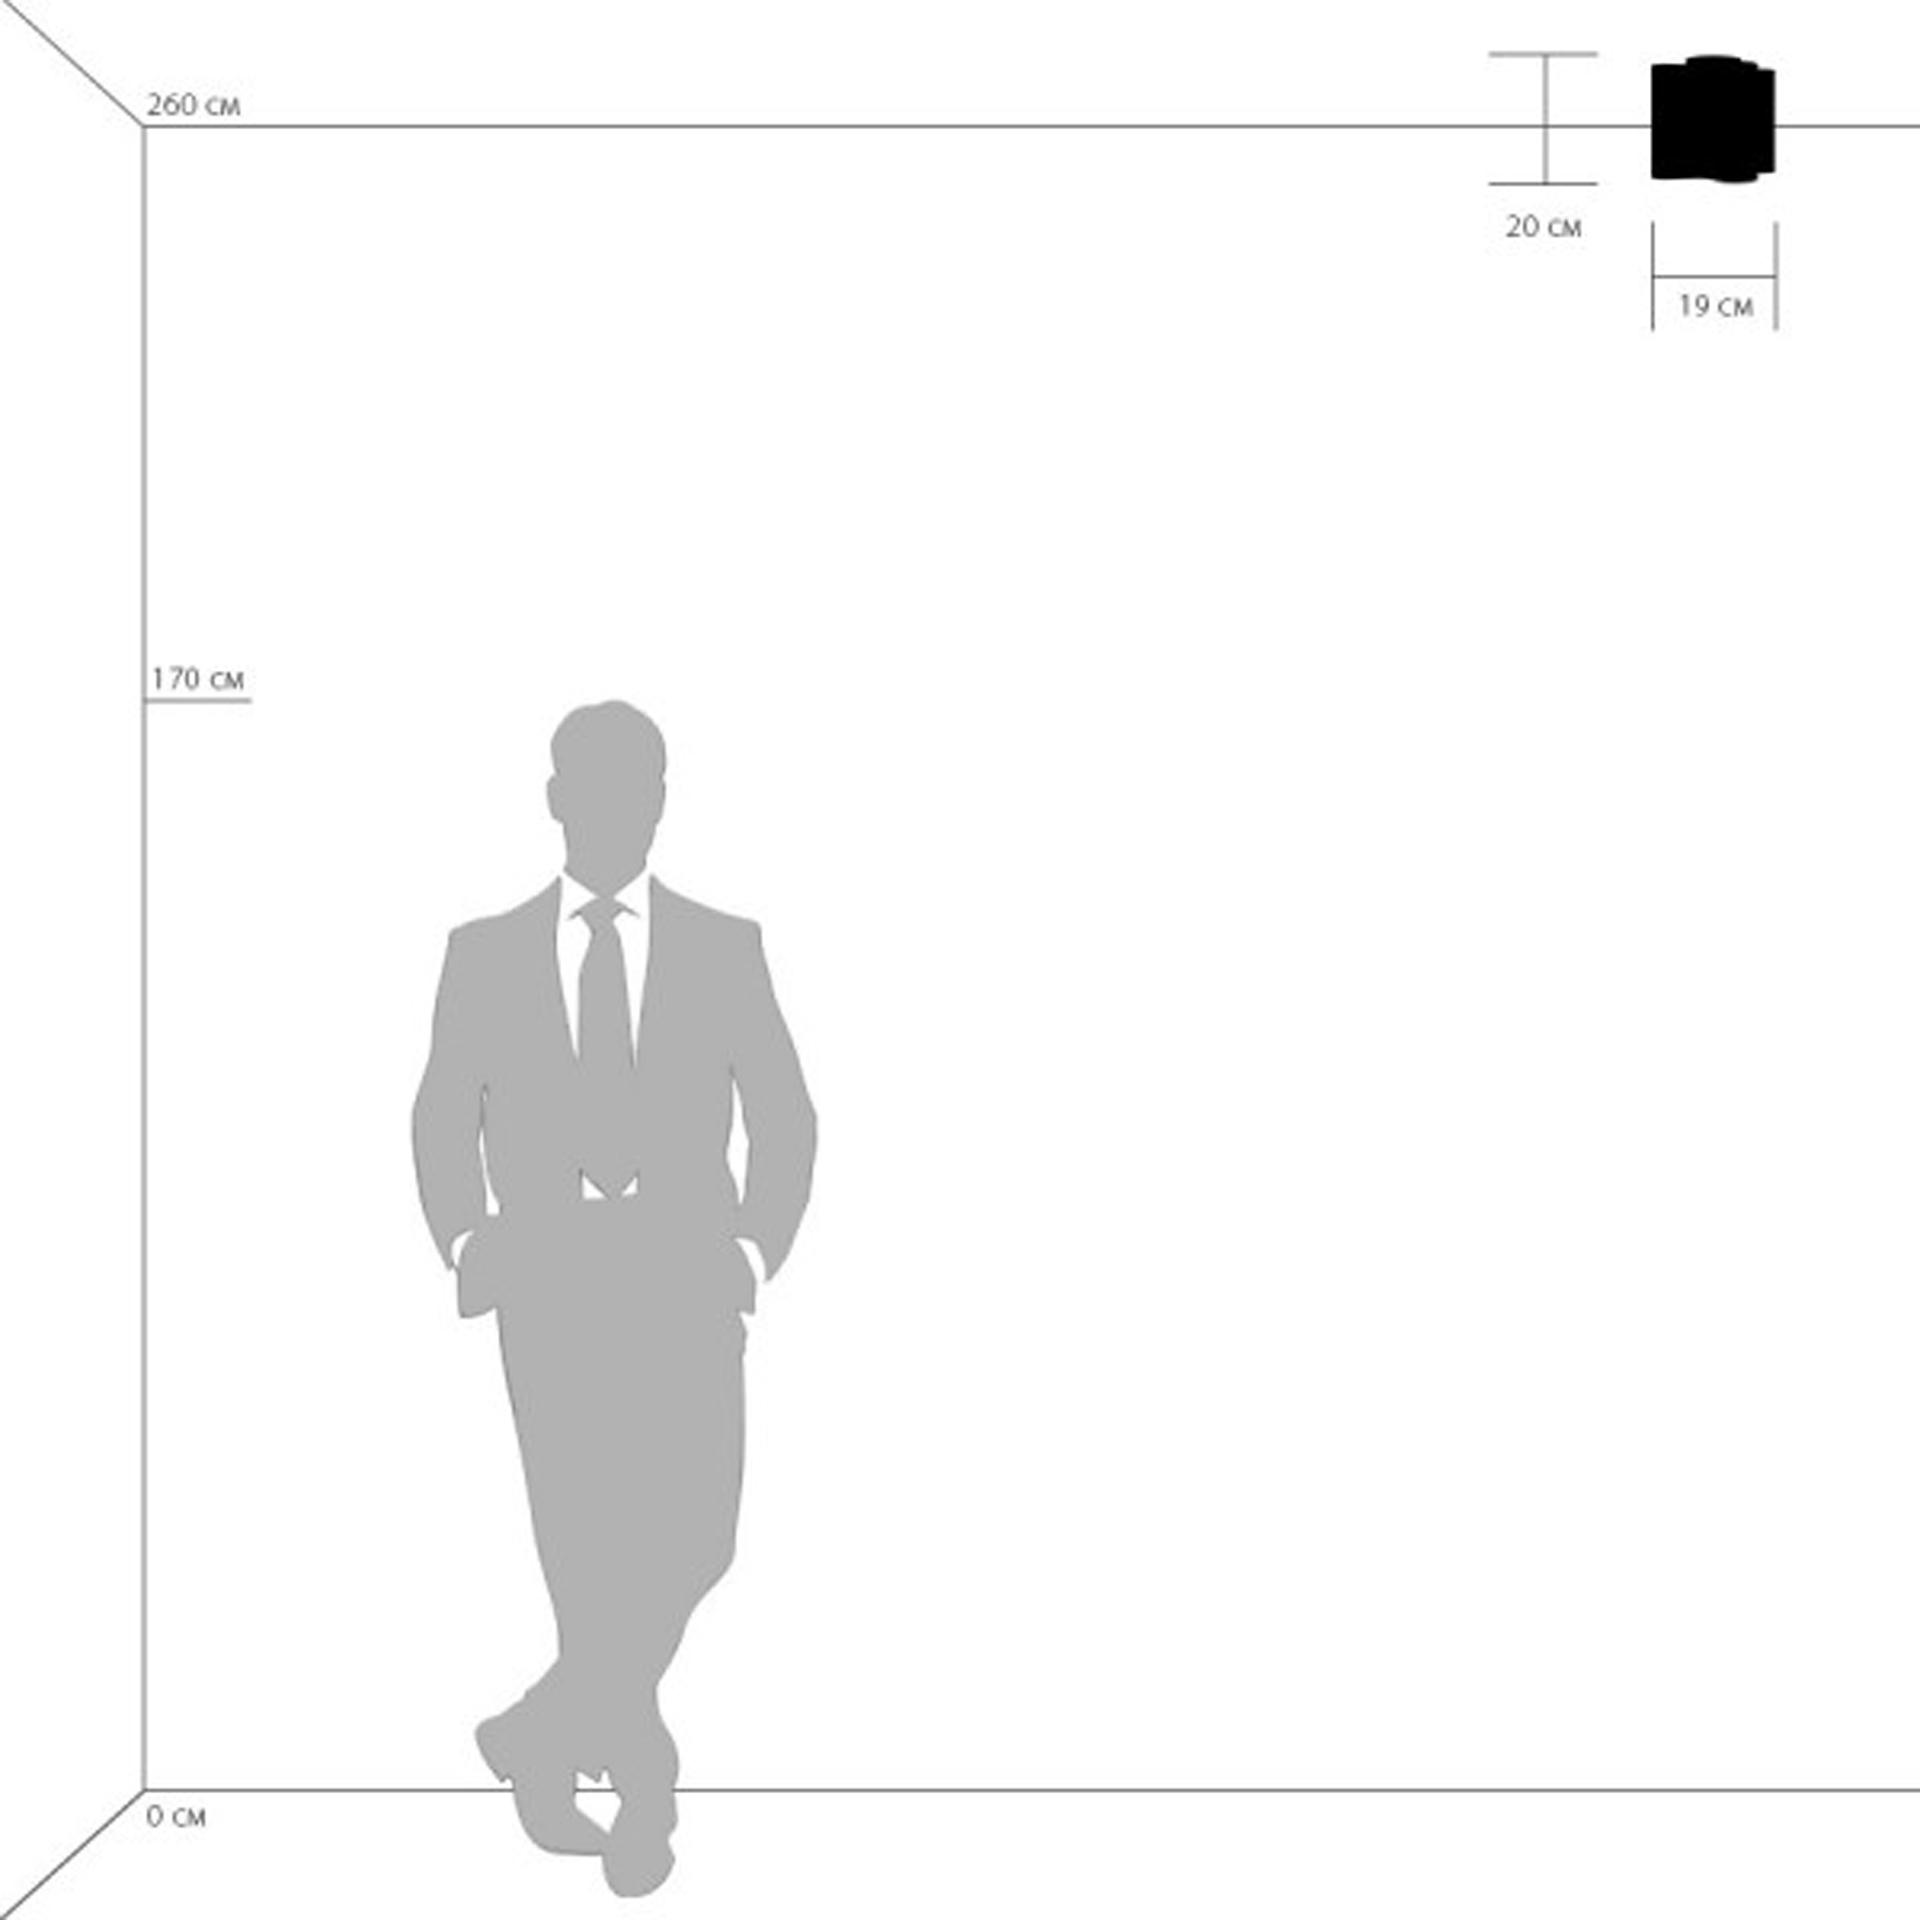 Люстра потолочная Nubi 1х40W E27 хром / белый Lightstar 802010, купить в СПб, Москве, с доставкой, Санкт-Петербург, интернет-магазин люстр и светильников Starlight, фото в жизни